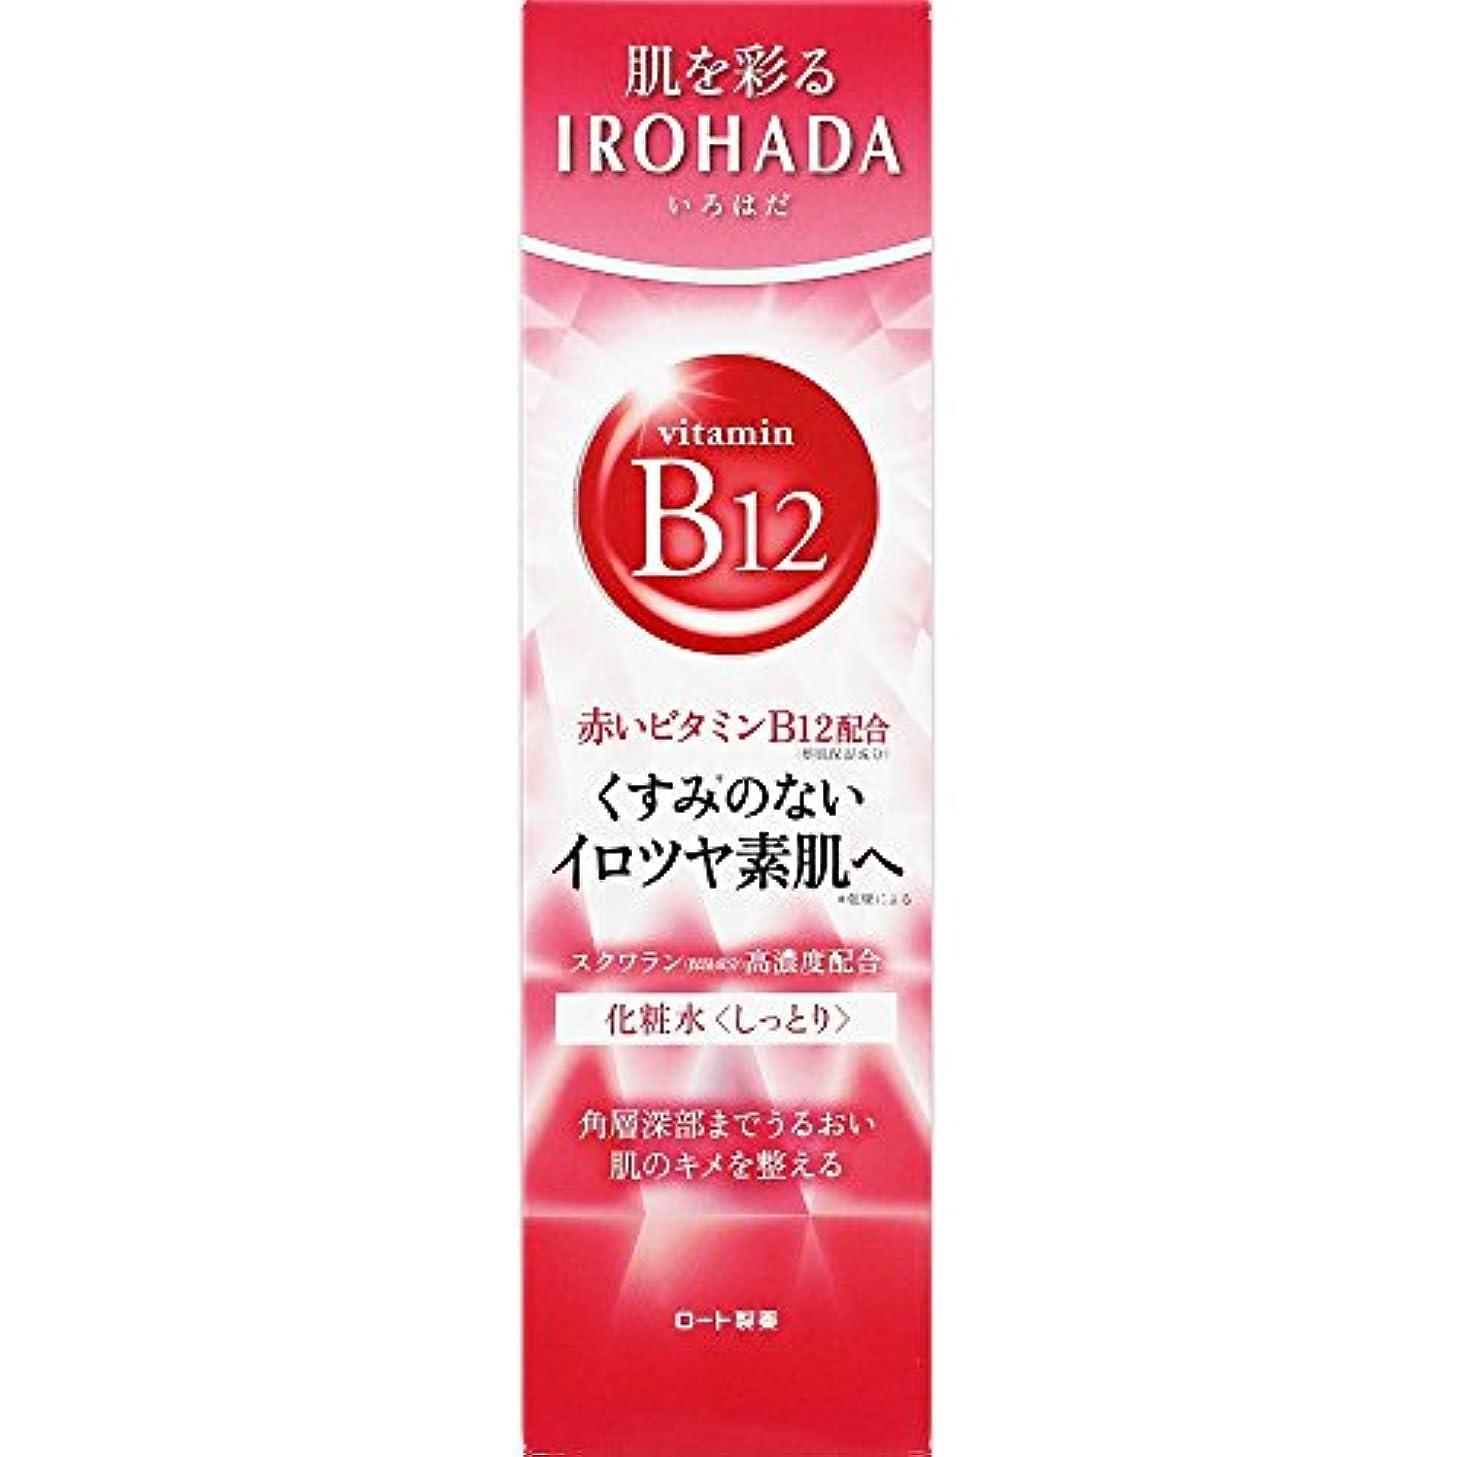 報奨金シーズンギャロップロート製薬 いろはだ (IROHADA) 赤いビタミンB12×スクワラン配合 化粧水しっとり 160ml